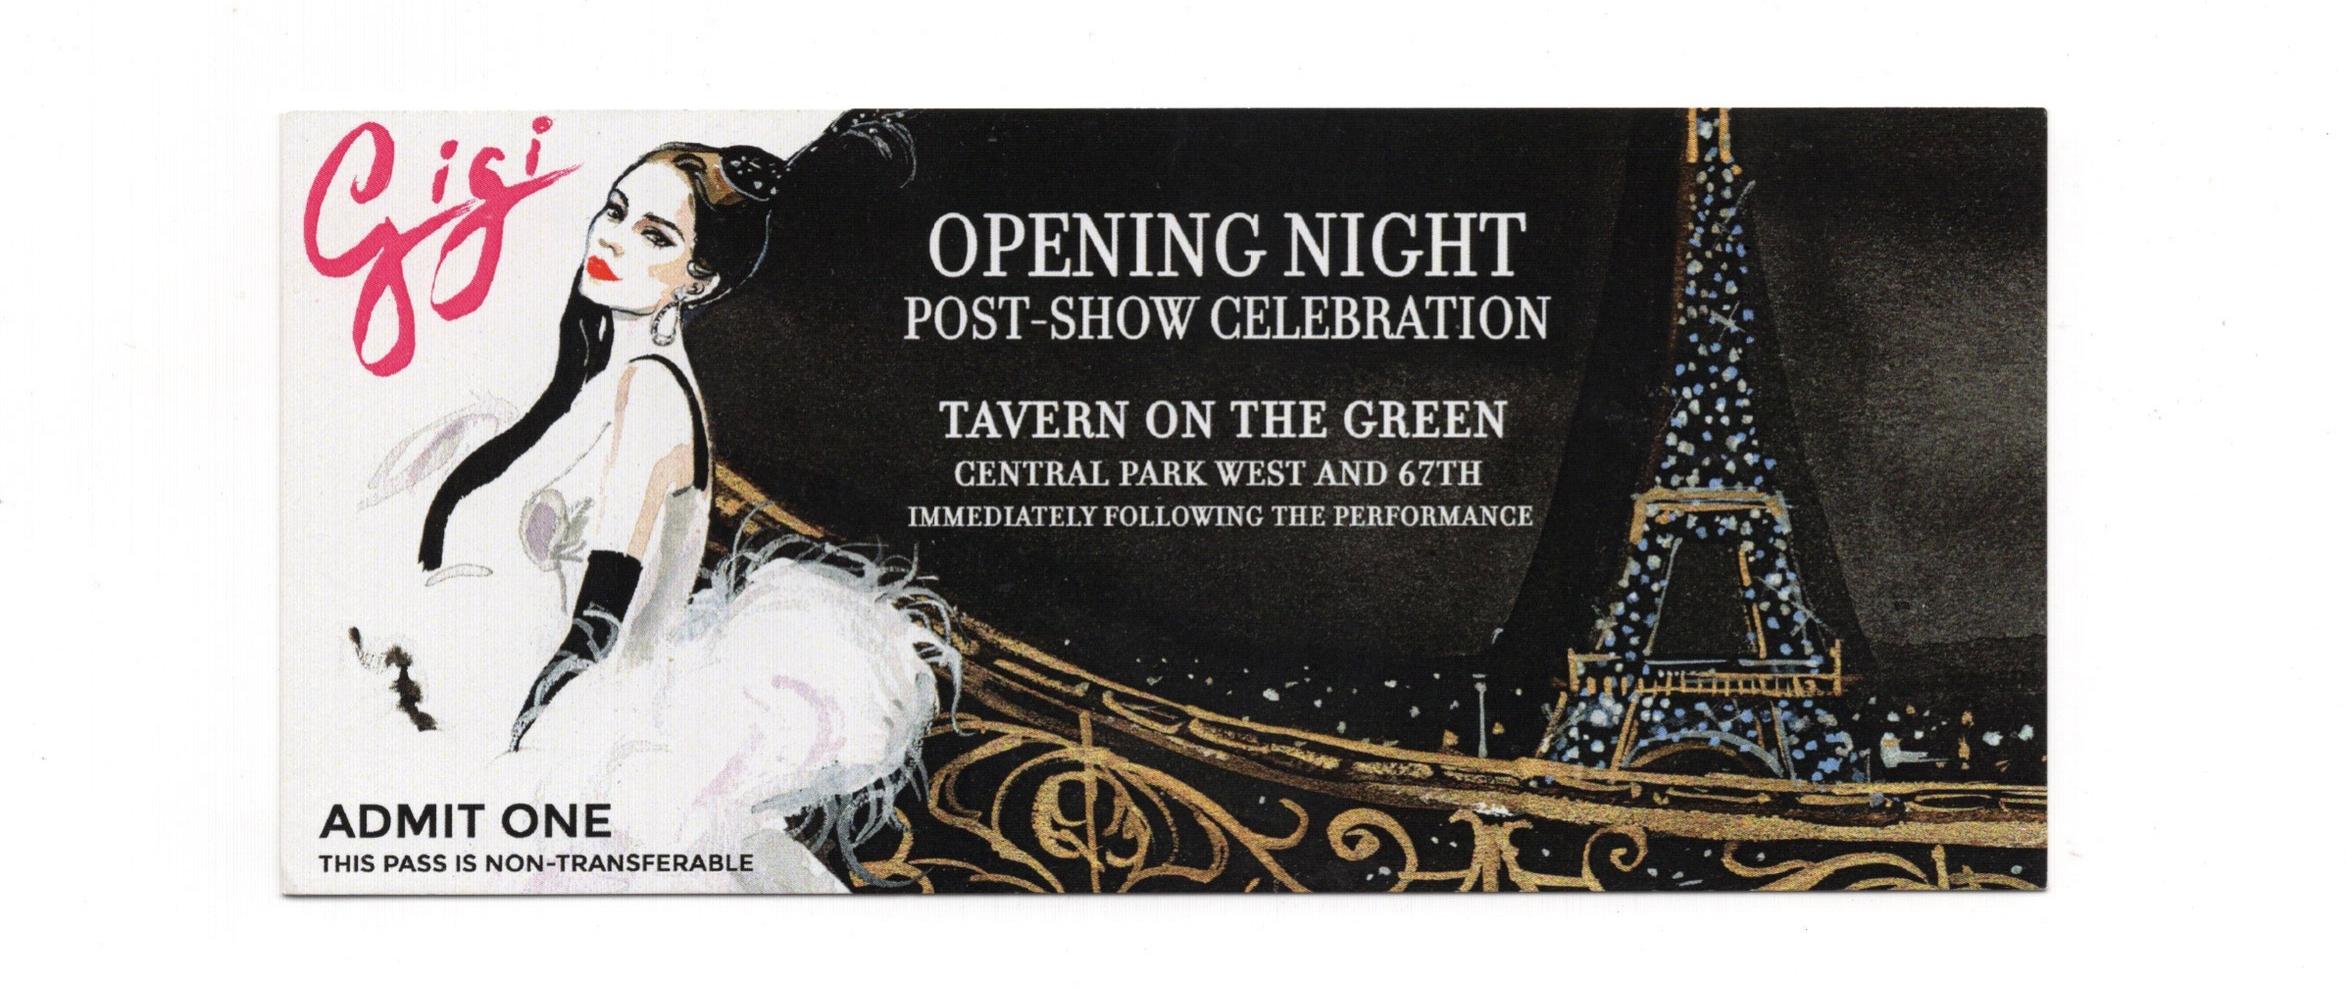 Gigi opening night ticket.jpg